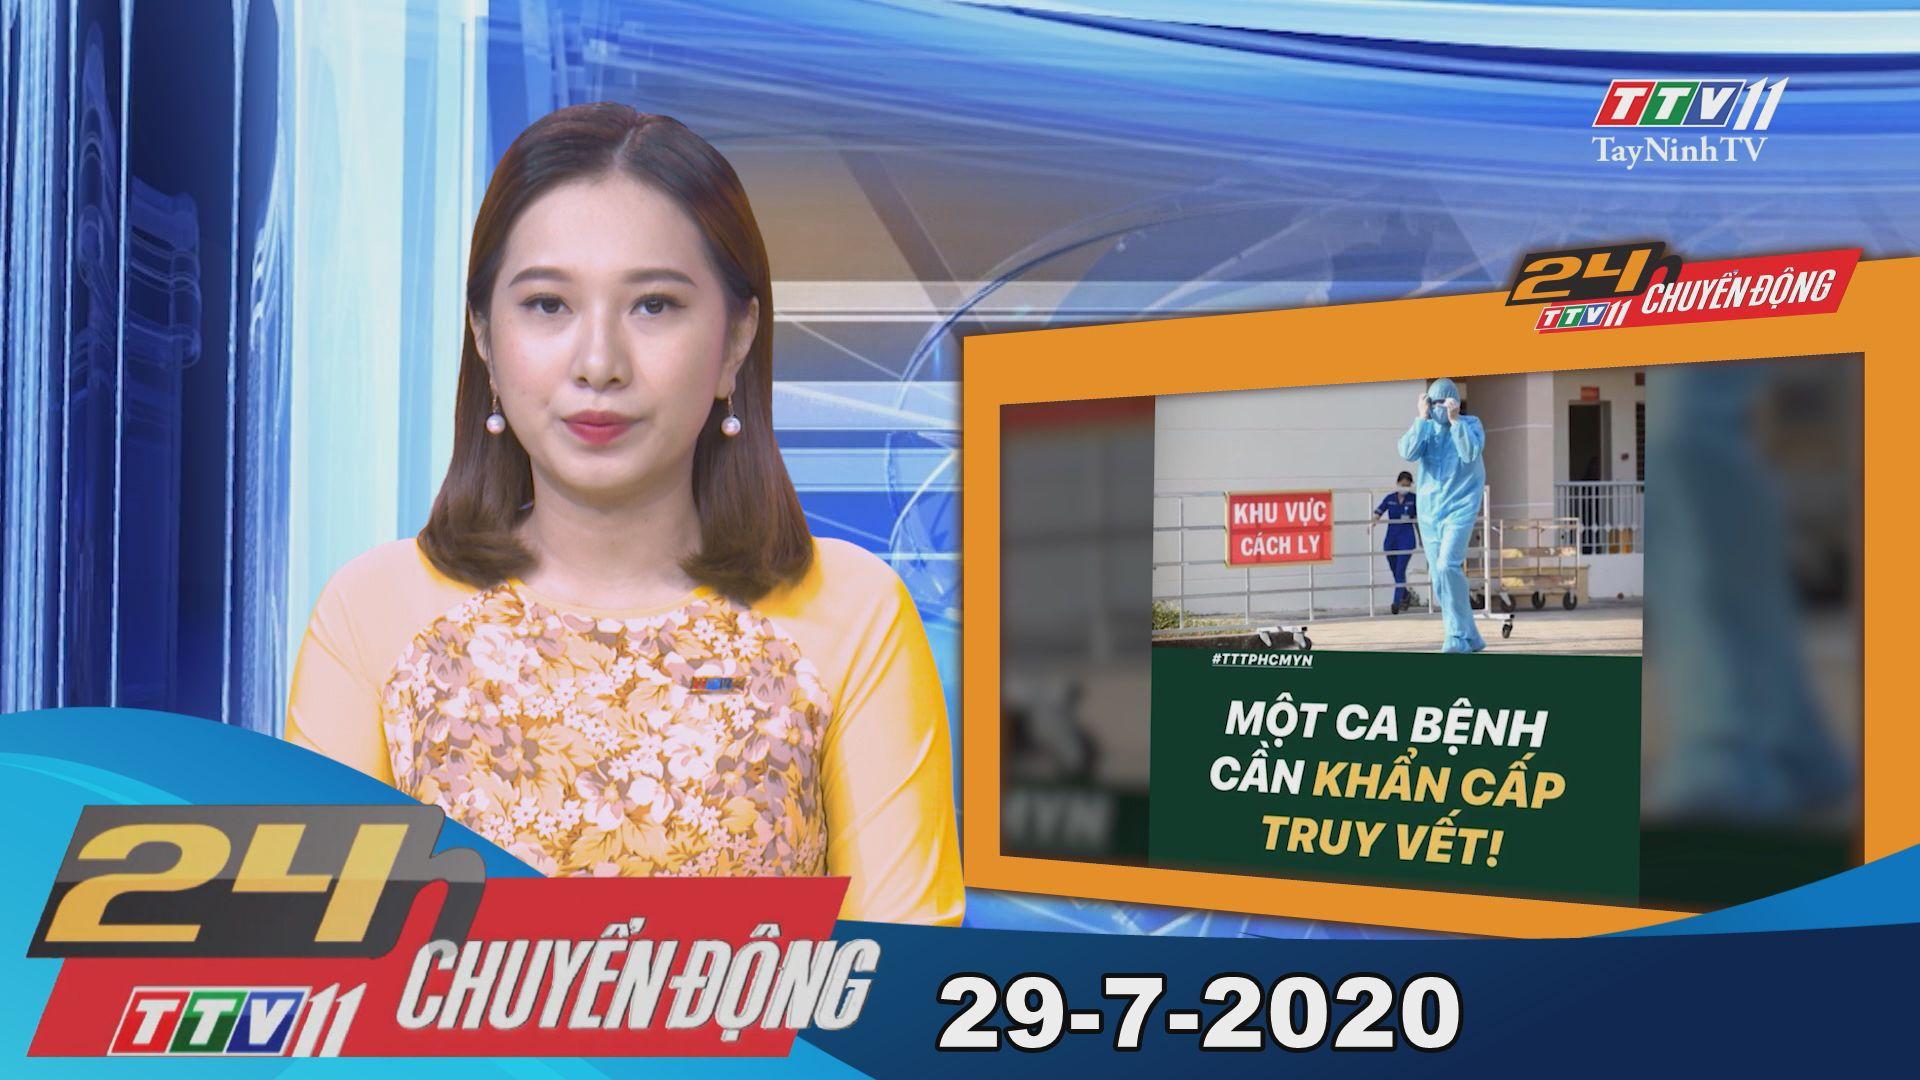 24h Chuyển động 29-7-2020 | Tin tức hôm nay | TayNinhTV